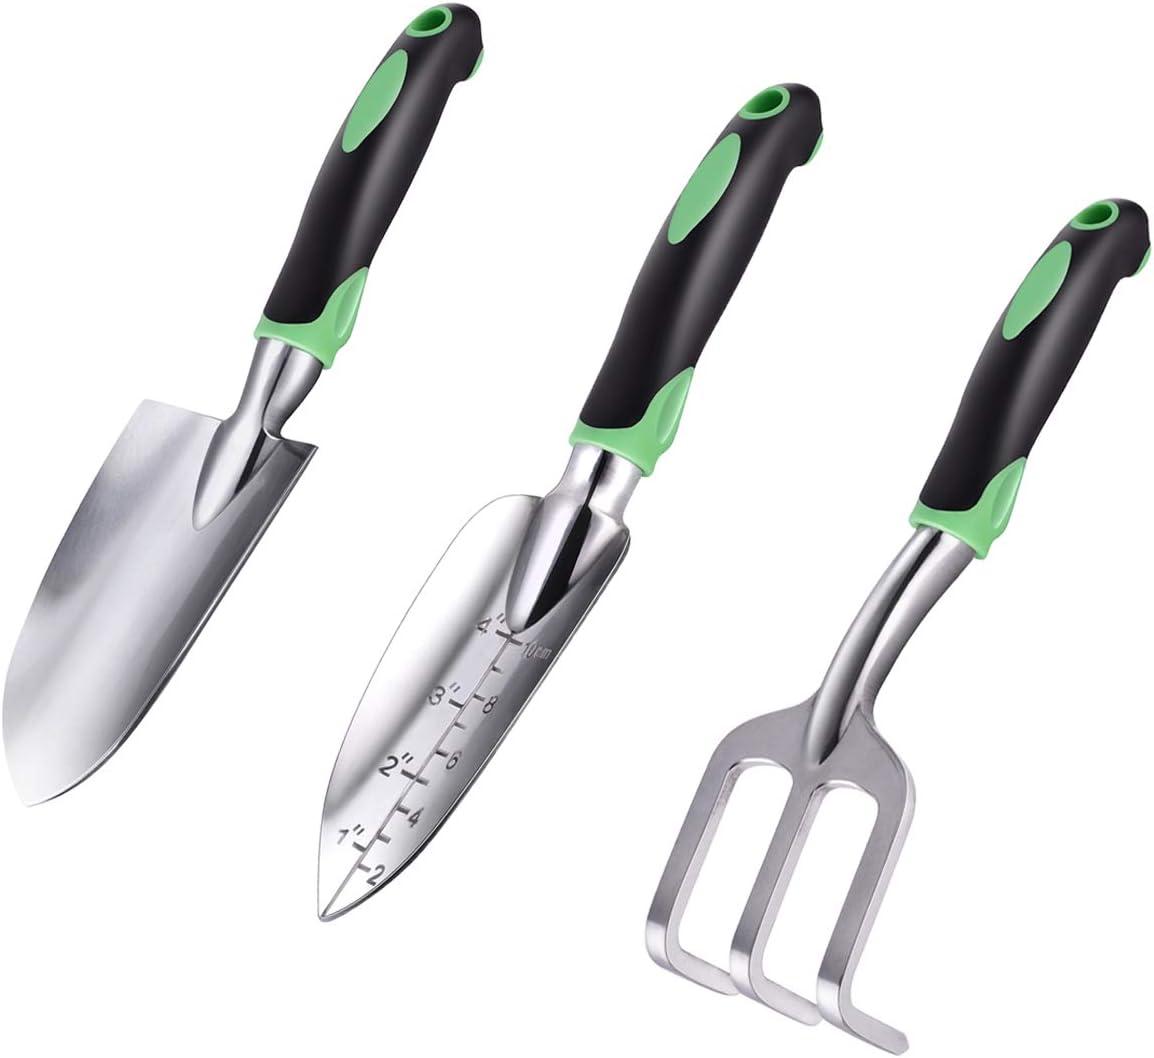 ZUZUAN Garden Tool Set, 3 Pack Garden Hand Shovels Aluminum Alloy Garden Trowels with Ergonomic Rubberized Non-Slip Grip, Included Trowel, Transplant Trowel and Cultivator Hand Rake : Garden & Outdoor